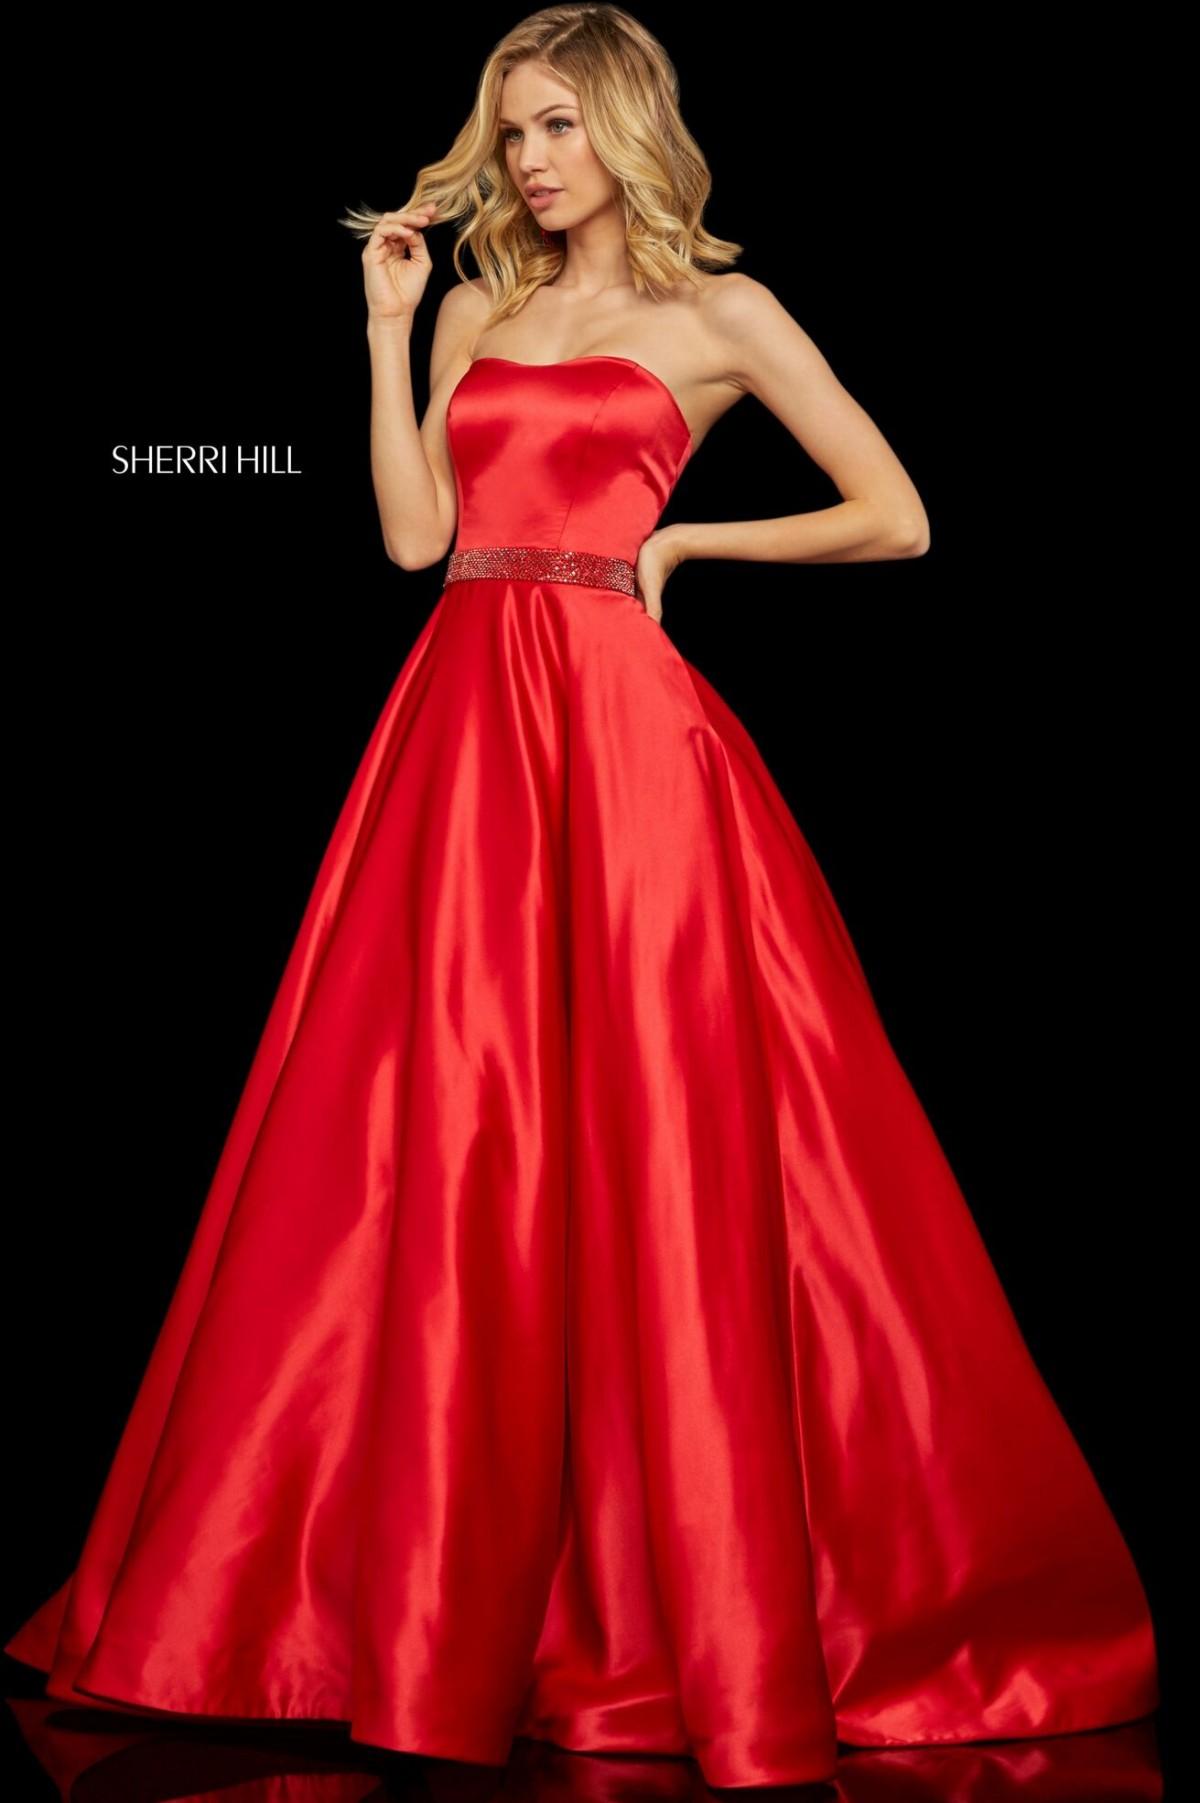 Sherri Hill pageant dress